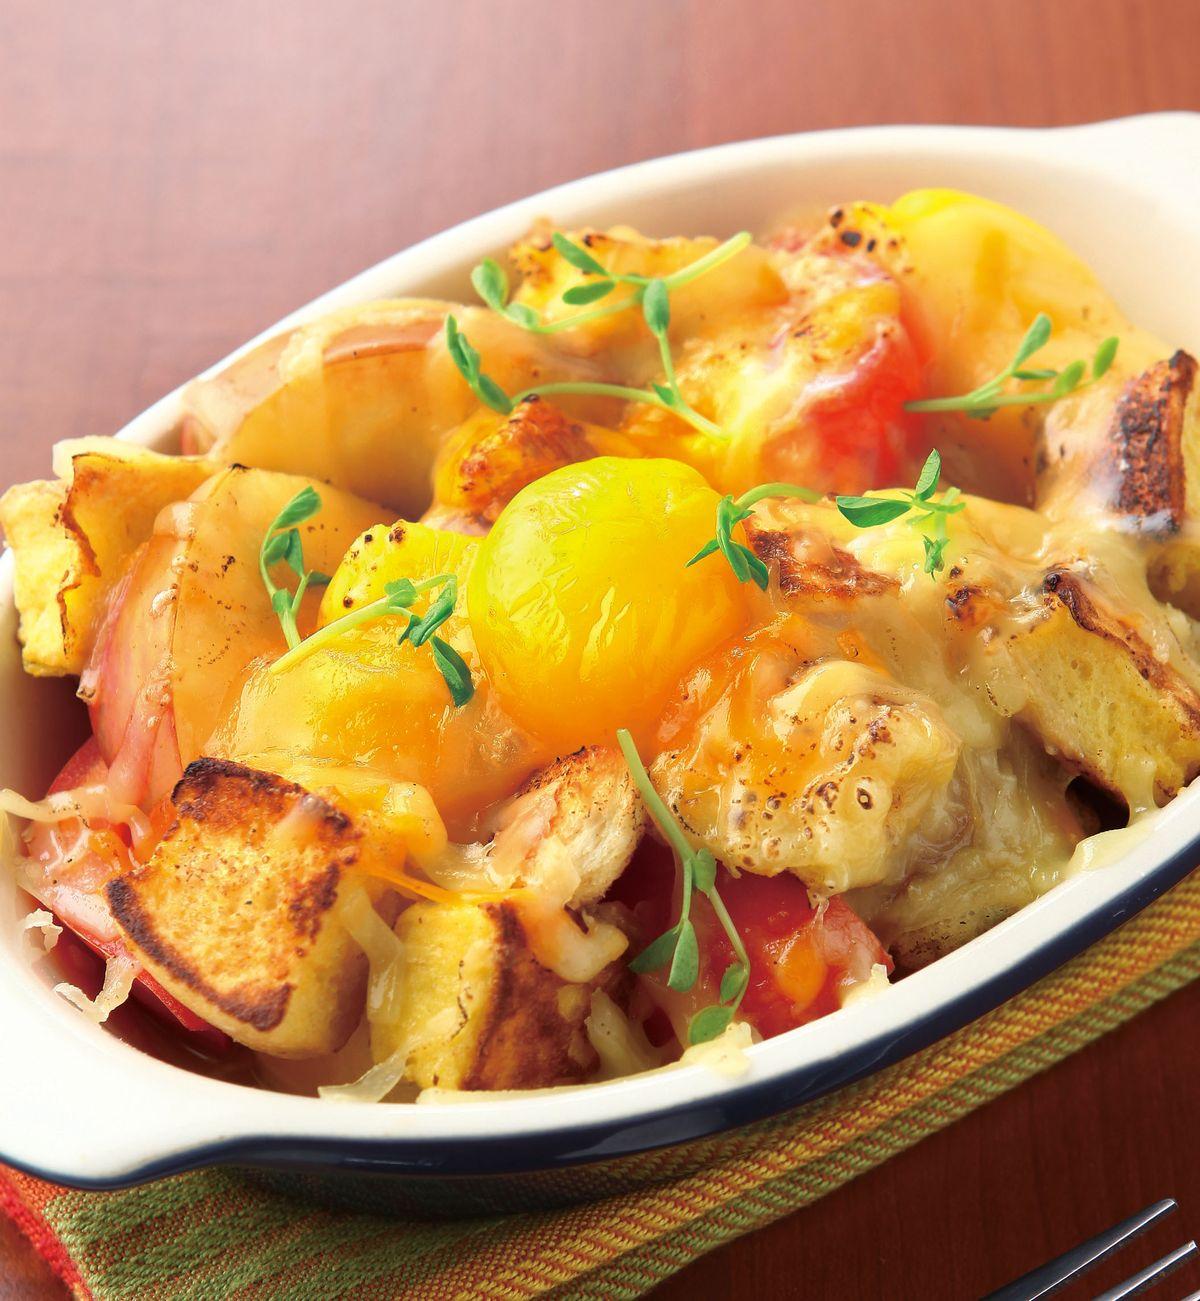 食譜:蘋果土司焗蔬菜